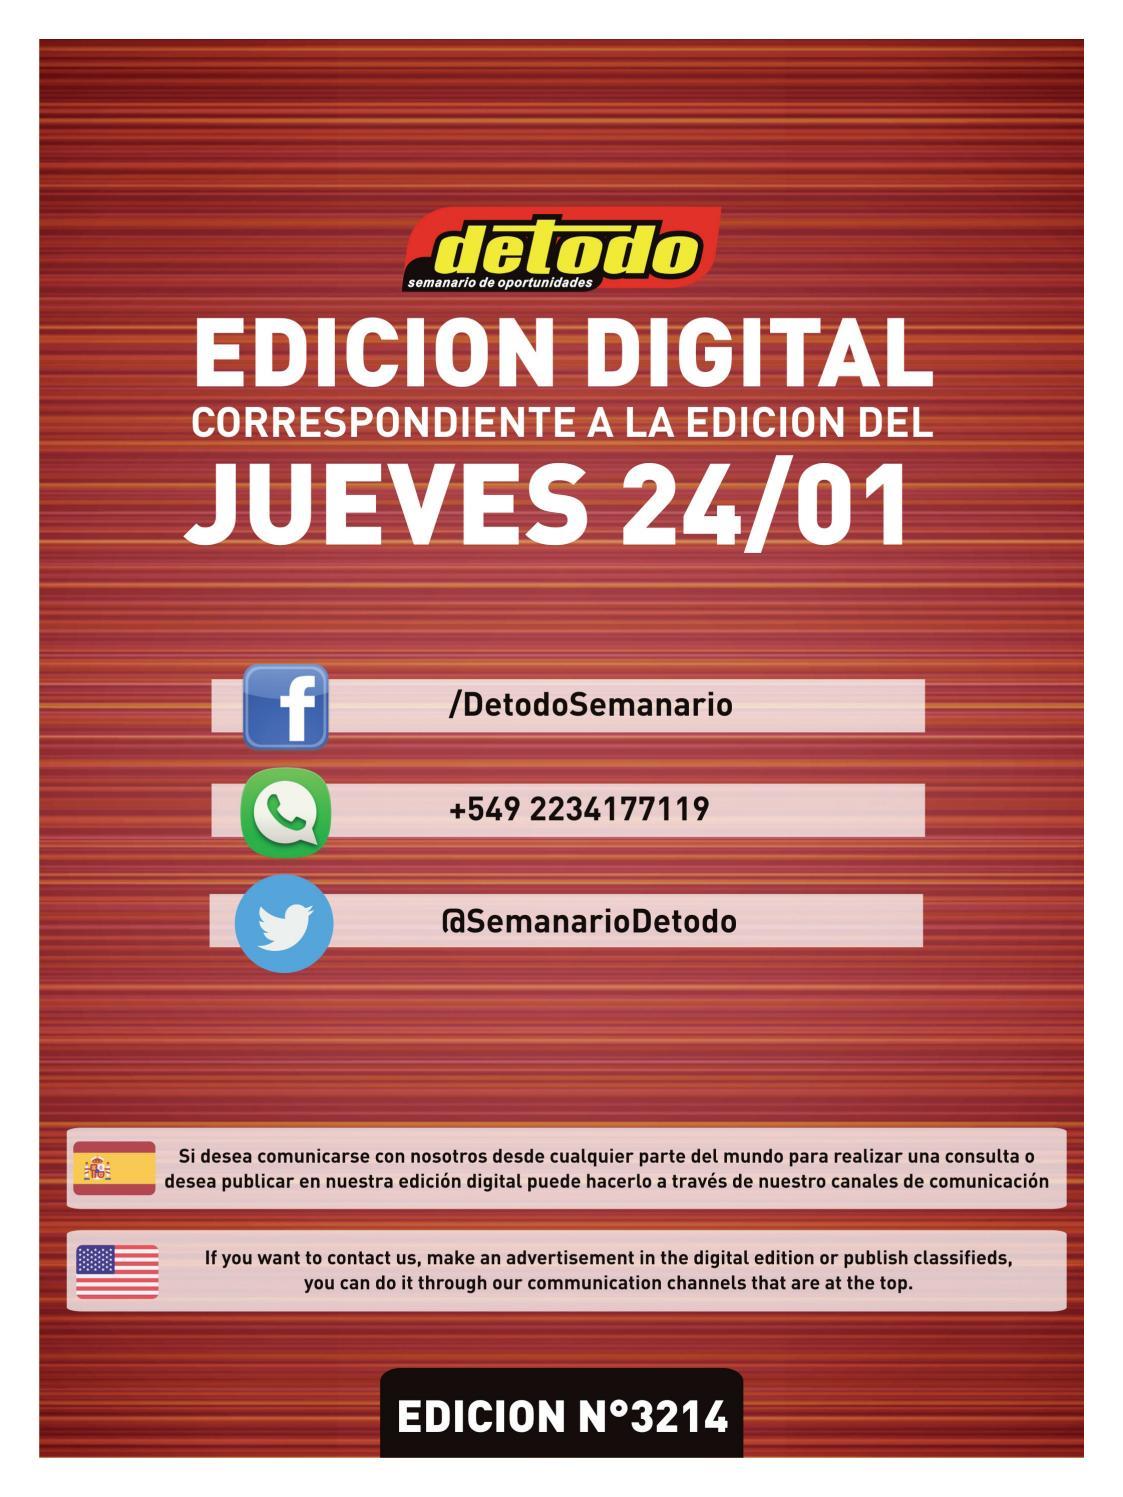 Semanario Detodo - Edición N° 3214 - 24 01 2019 by Semanario Detodo - issuu c668c2de2411